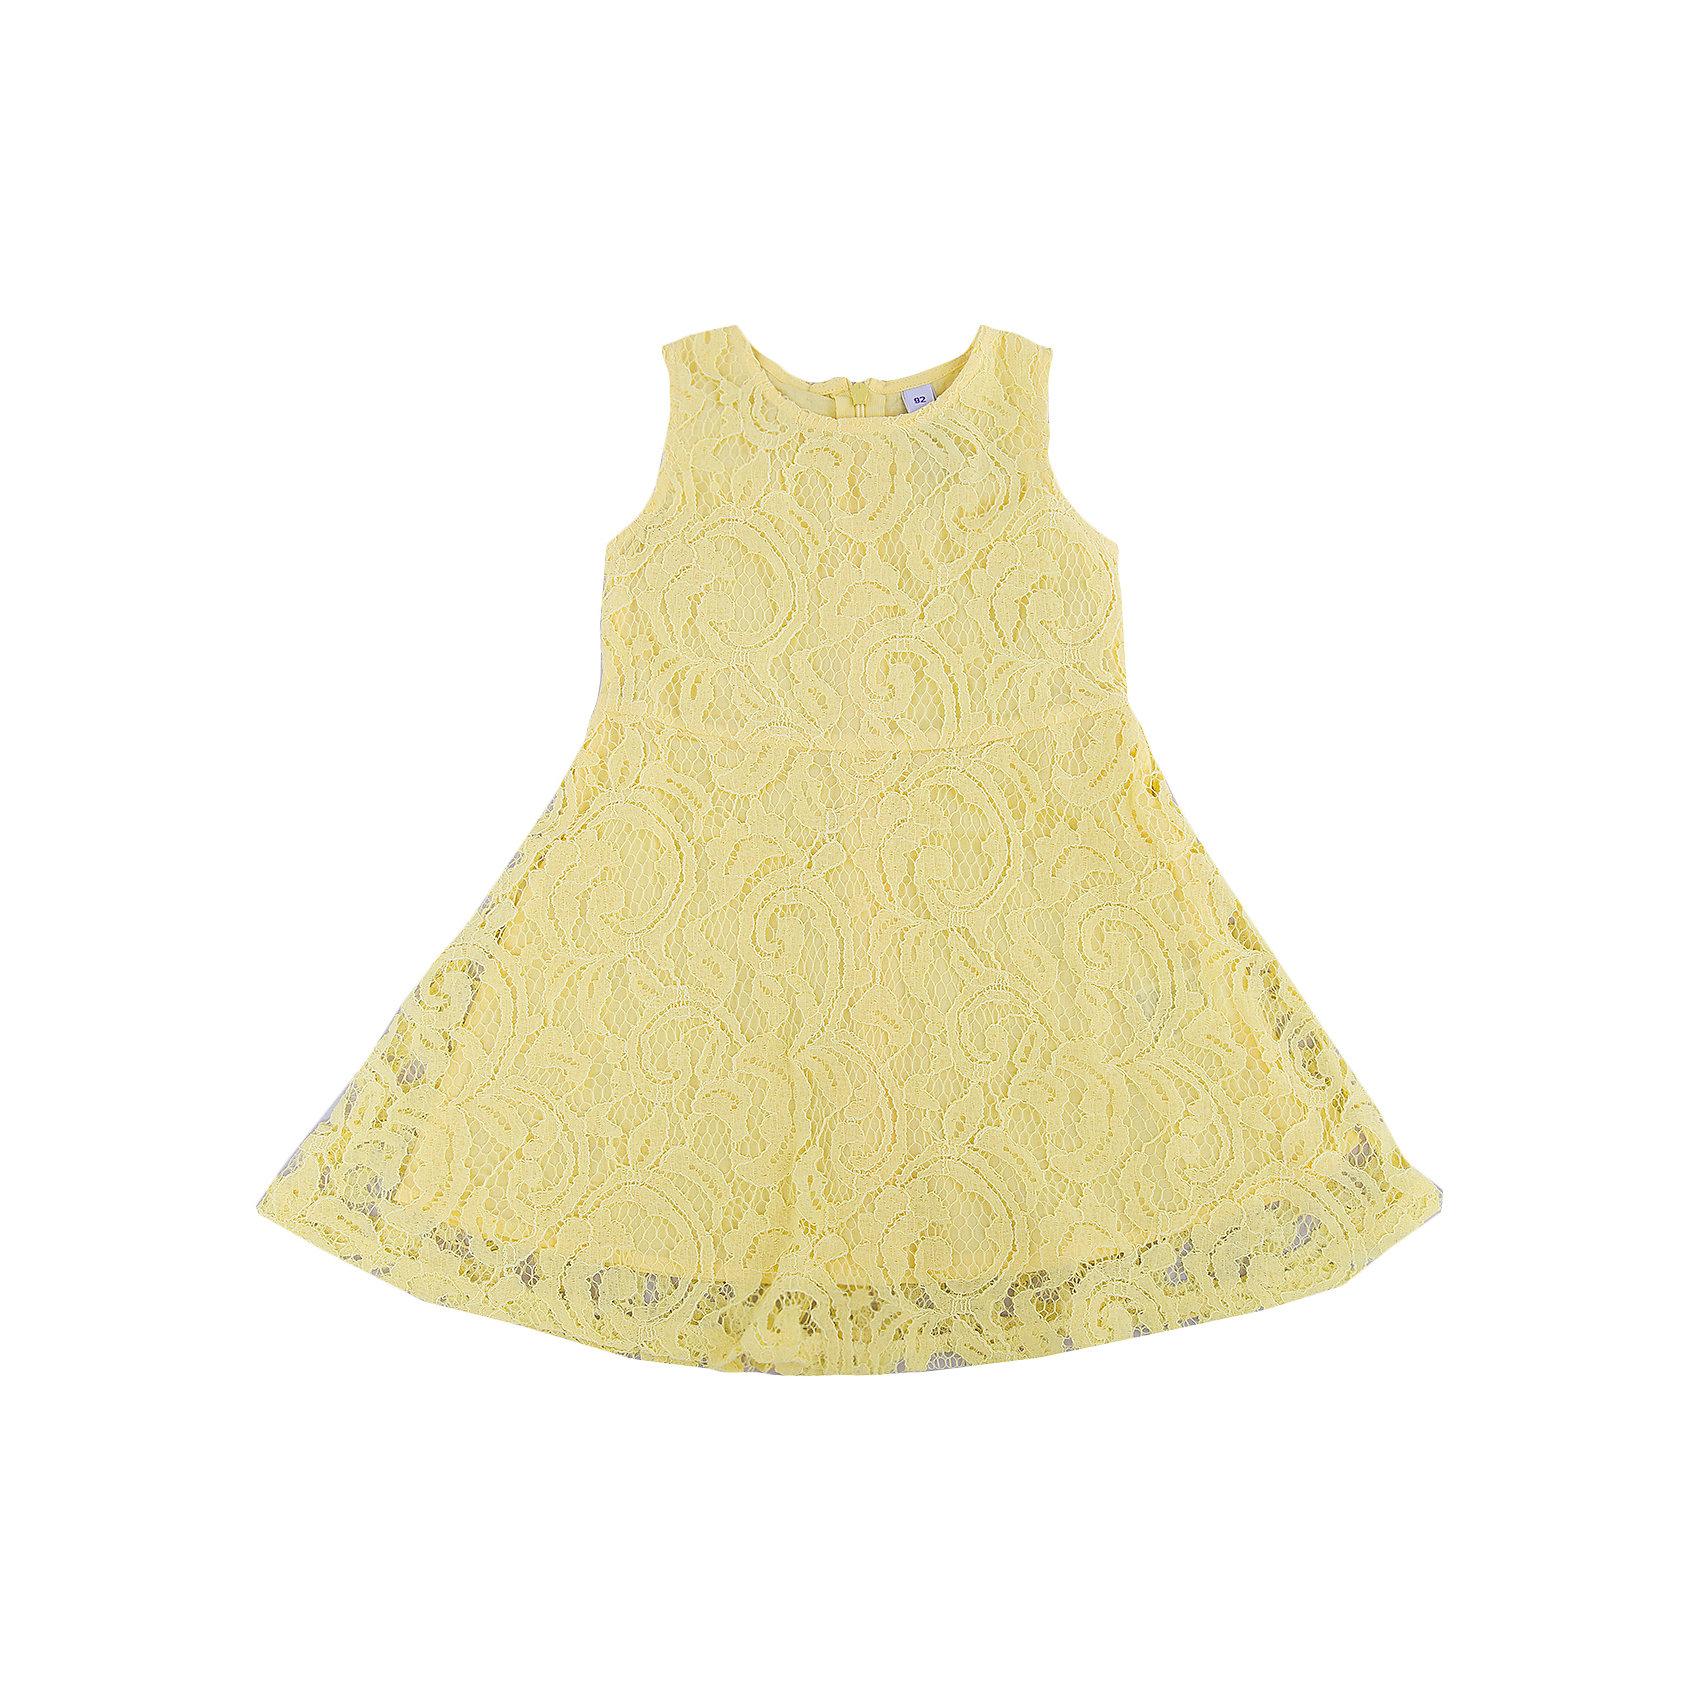 Платье для девочки PlayTodayПлатья<br>Платье для девочки PlayToday<br>Платье с округлым вырезом у горловины, понравится Вашей моднице.  Свободный крой не сковывает движений. Модель на молнии и на покладке из натурального хлопка. Нежный ажурный гипюр придает платью особенную легкость.Преимущества: Натуральная ткань подкладки не вызывает раздраженийСвободный крой не сковывает движений ребенка<br>Состав:<br>Верх: 80% хлопок, 20% полиамид; подкладка: 100% хлопок<br><br>Ширина мм: 236<br>Глубина мм: 16<br>Высота мм: 184<br>Вес г: 177<br>Цвет: желтый<br>Возраст от месяцев: 6<br>Возраст до месяцев: 9<br>Пол: Женский<br>Возраст: Детский<br>Размер: 74,86,92,80<br>SKU: 5408268